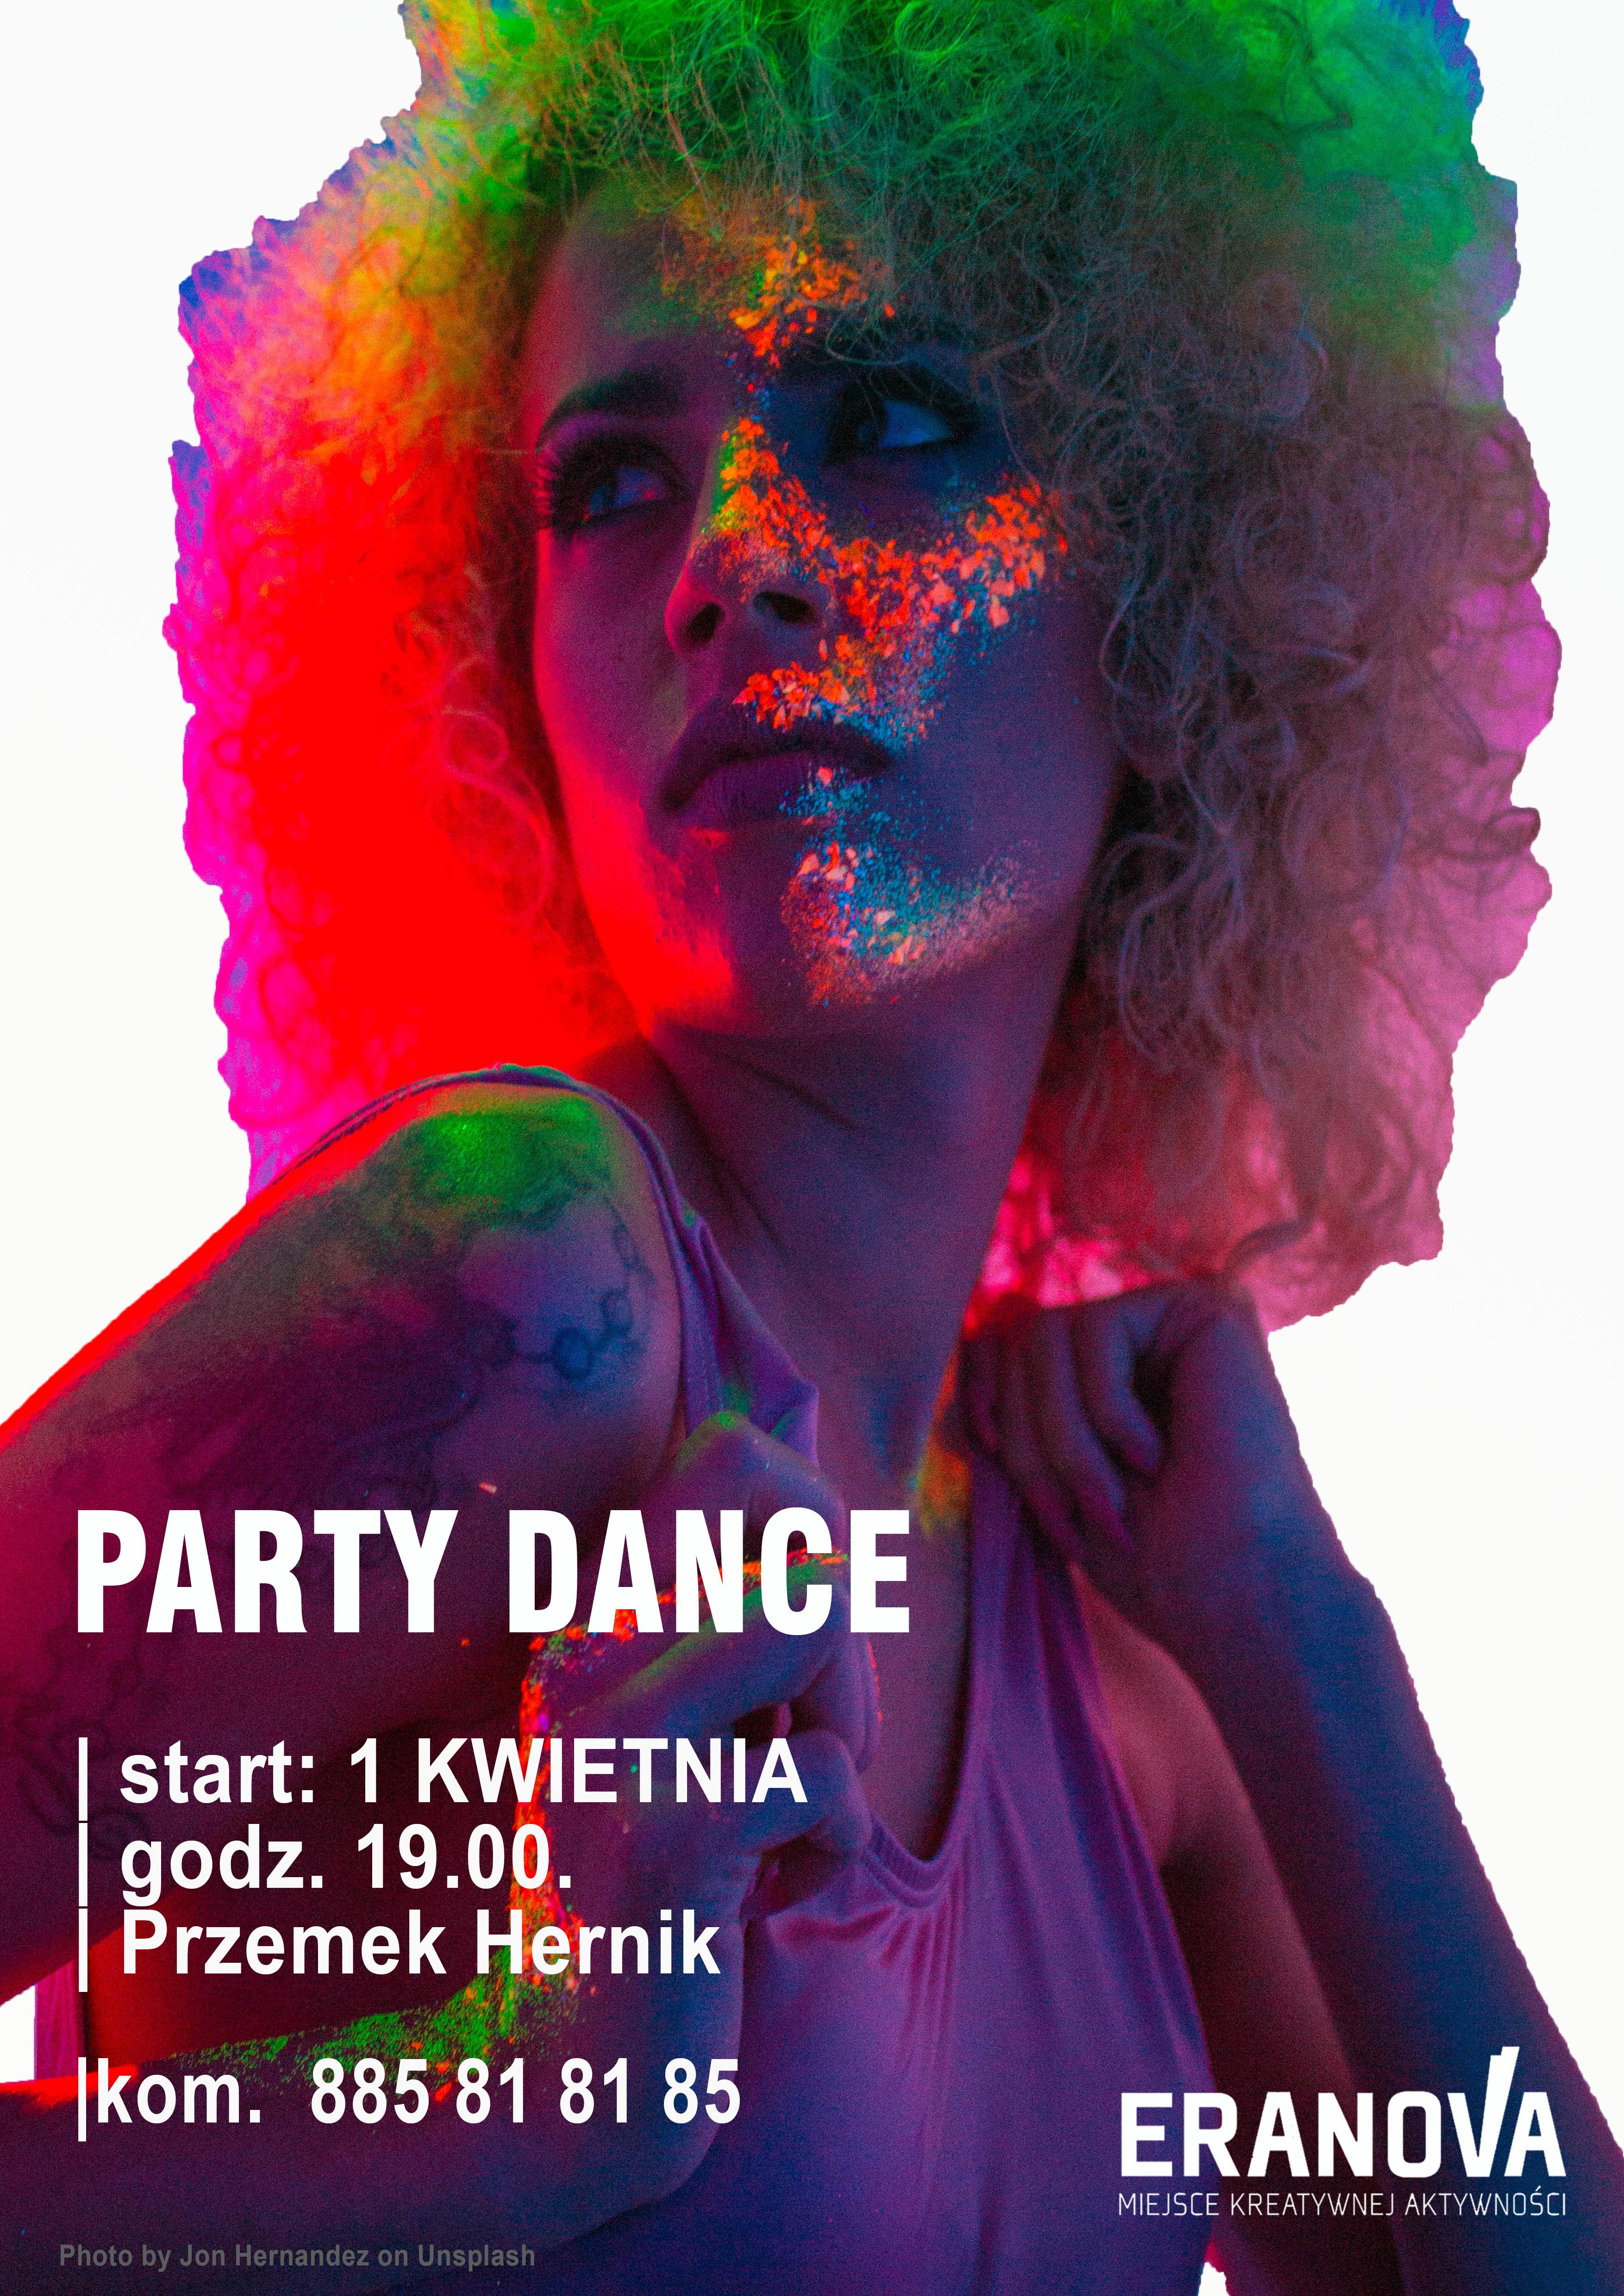 http://m.eranova.pl/2019/02/orig/party-dance-2948.jpg